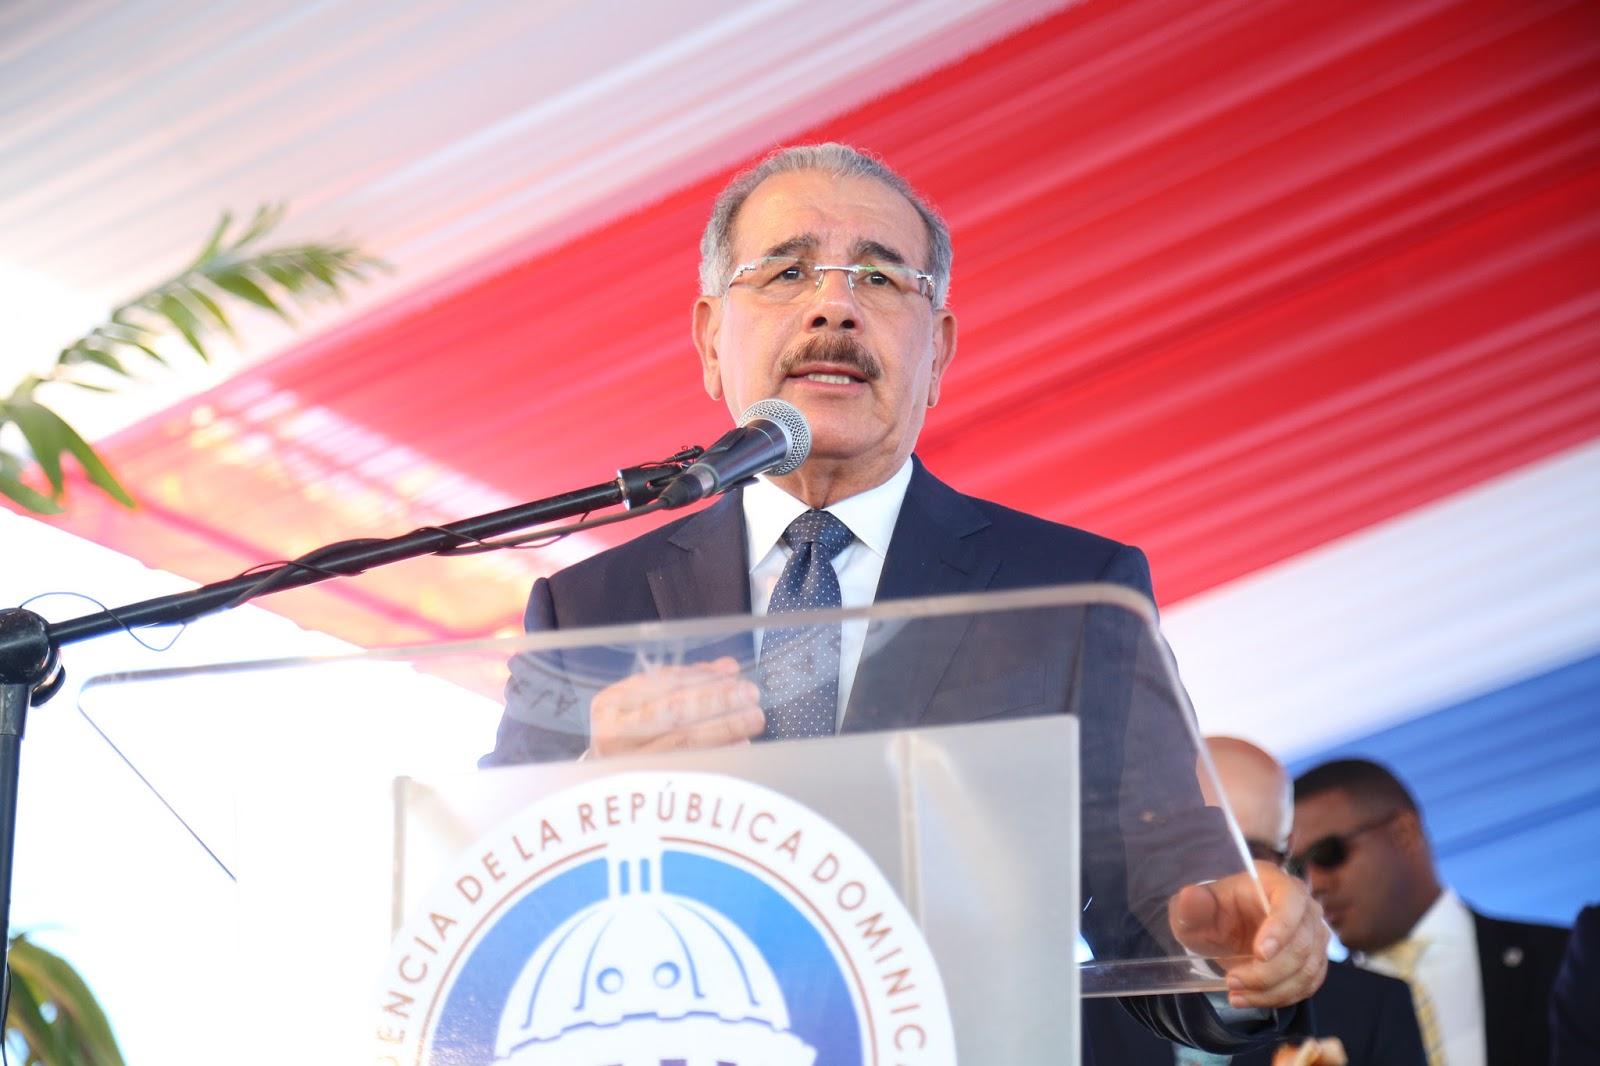 VIDEO: Danilo Medina a desarrolladores Ciudad Juan Bosch: Aceleren. Ya hay vendidos más de 8 mil apartamentos; y muchos otros quieren comprar